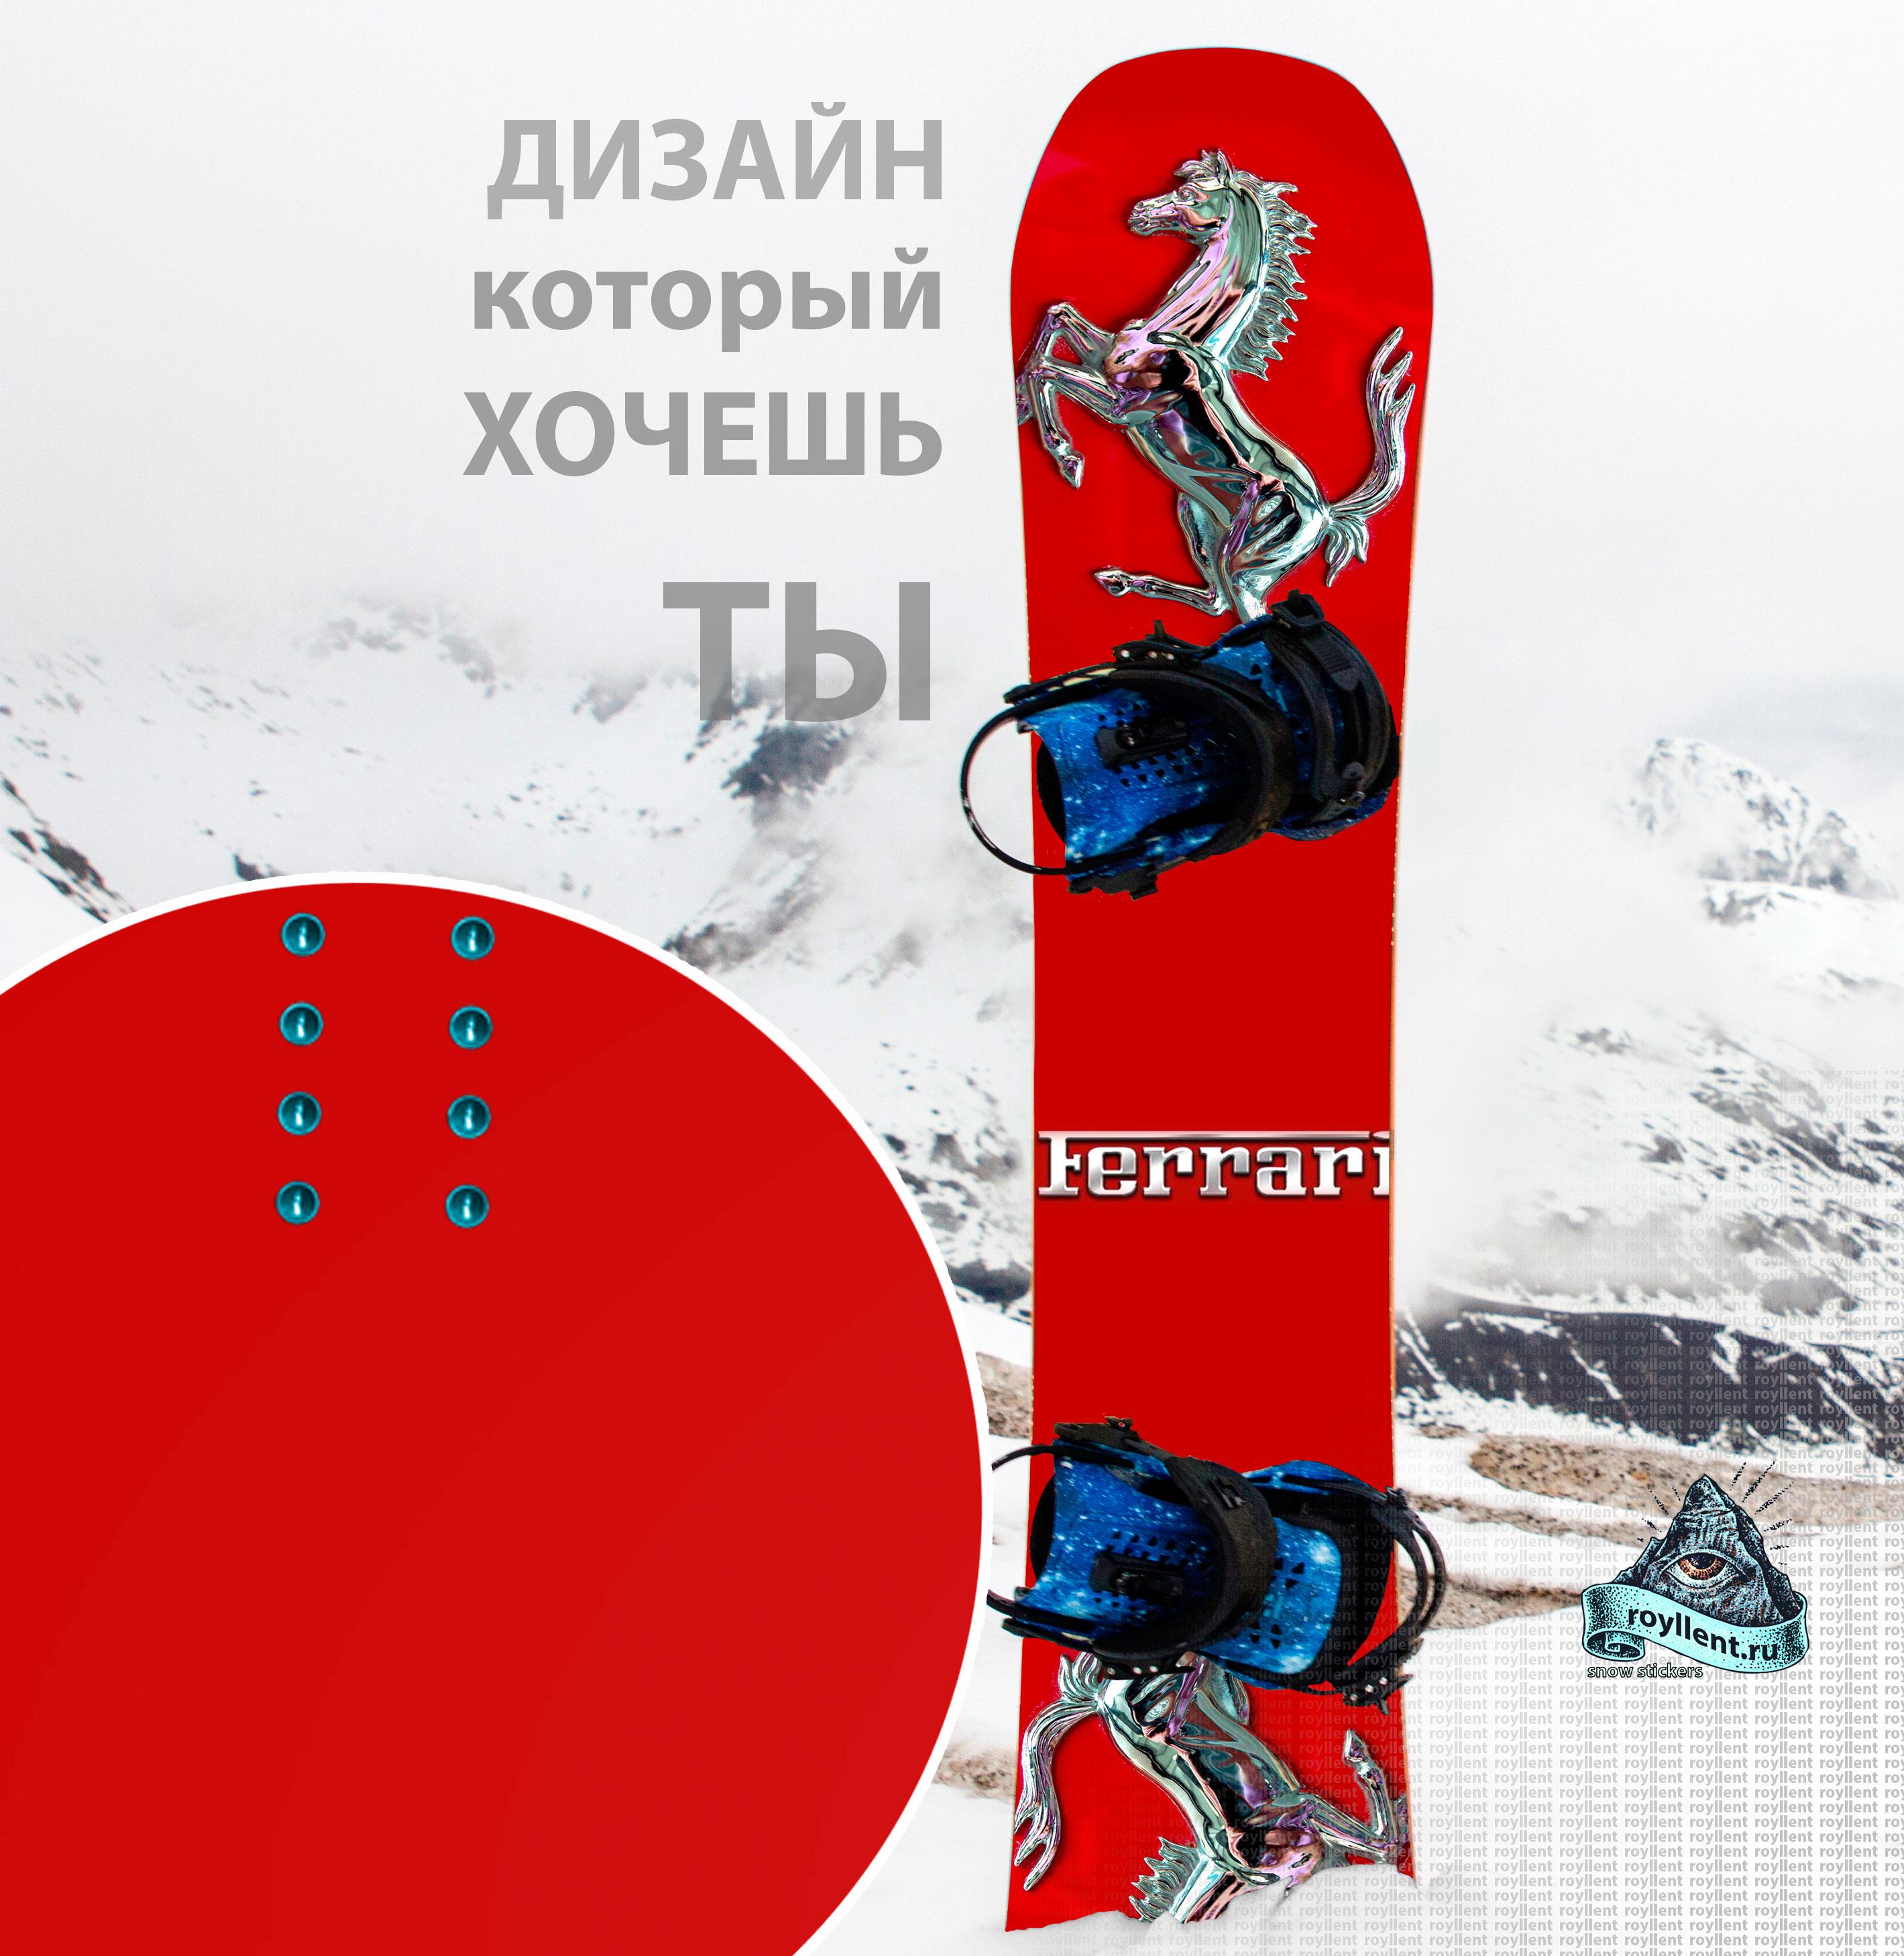 ferrari-red-snowboard